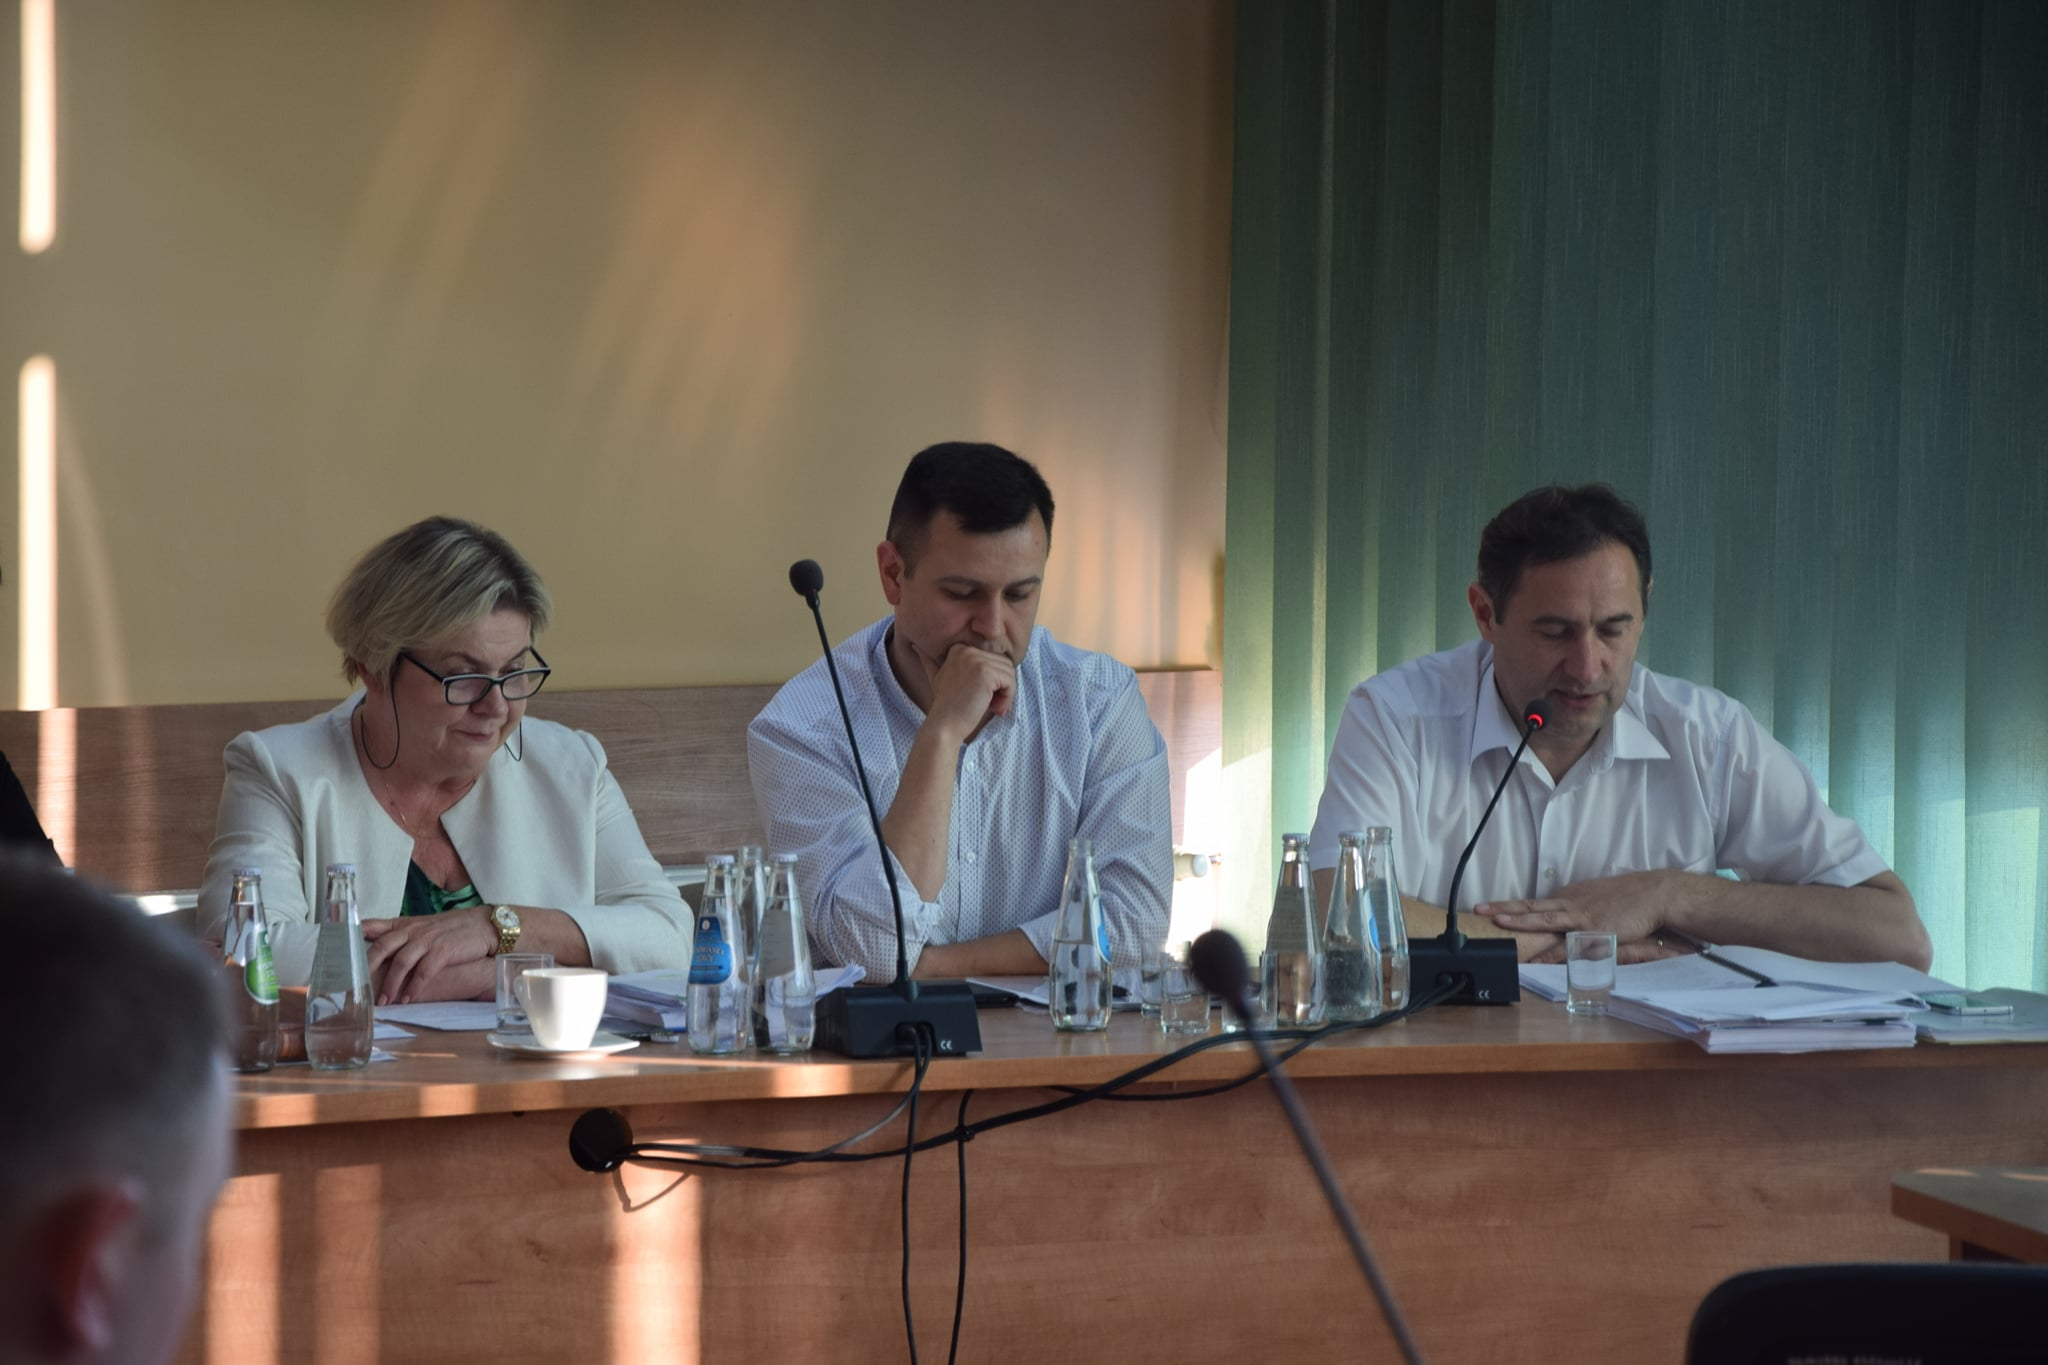 Tuliszków. 9 godzin obrad Rady Miejskiej i brak absolutorium dla Burmistrza za 2019 r. - fot. UGiM Tuliszków